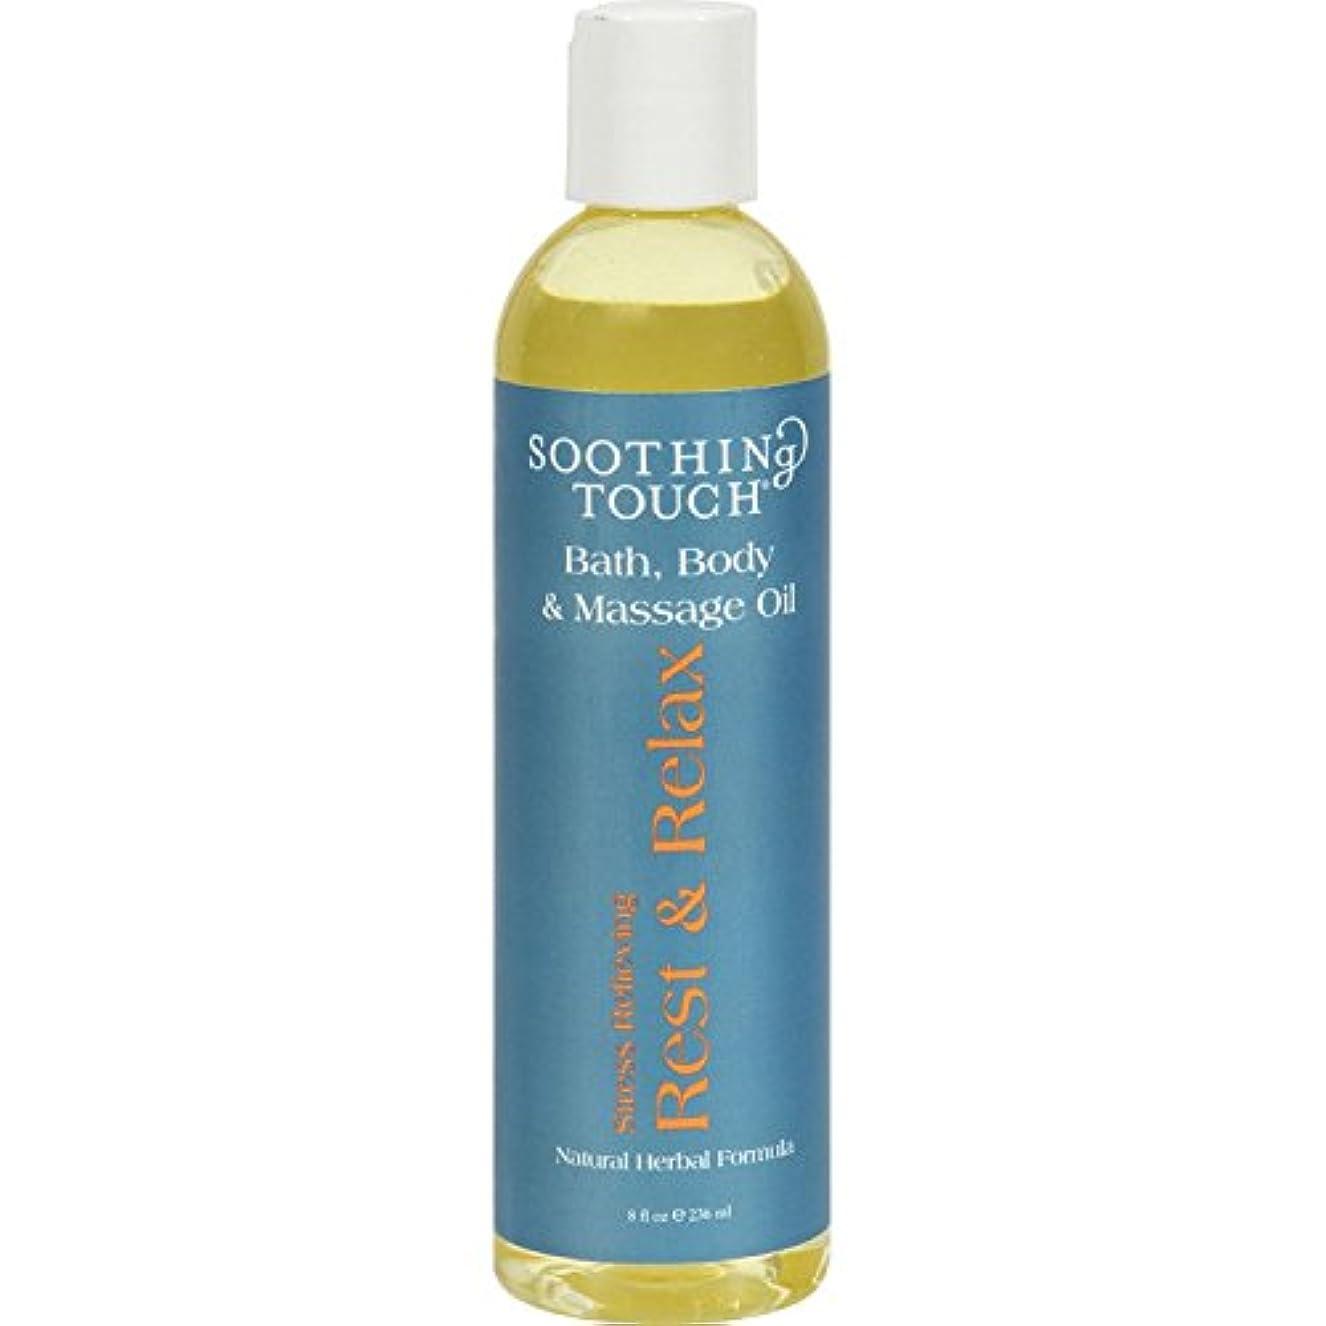 漁師ライバル変化Soothing Touch Rest and Relax Bath and Body Oil, 8 Ounce -- 3 per case. by Soothing Touch